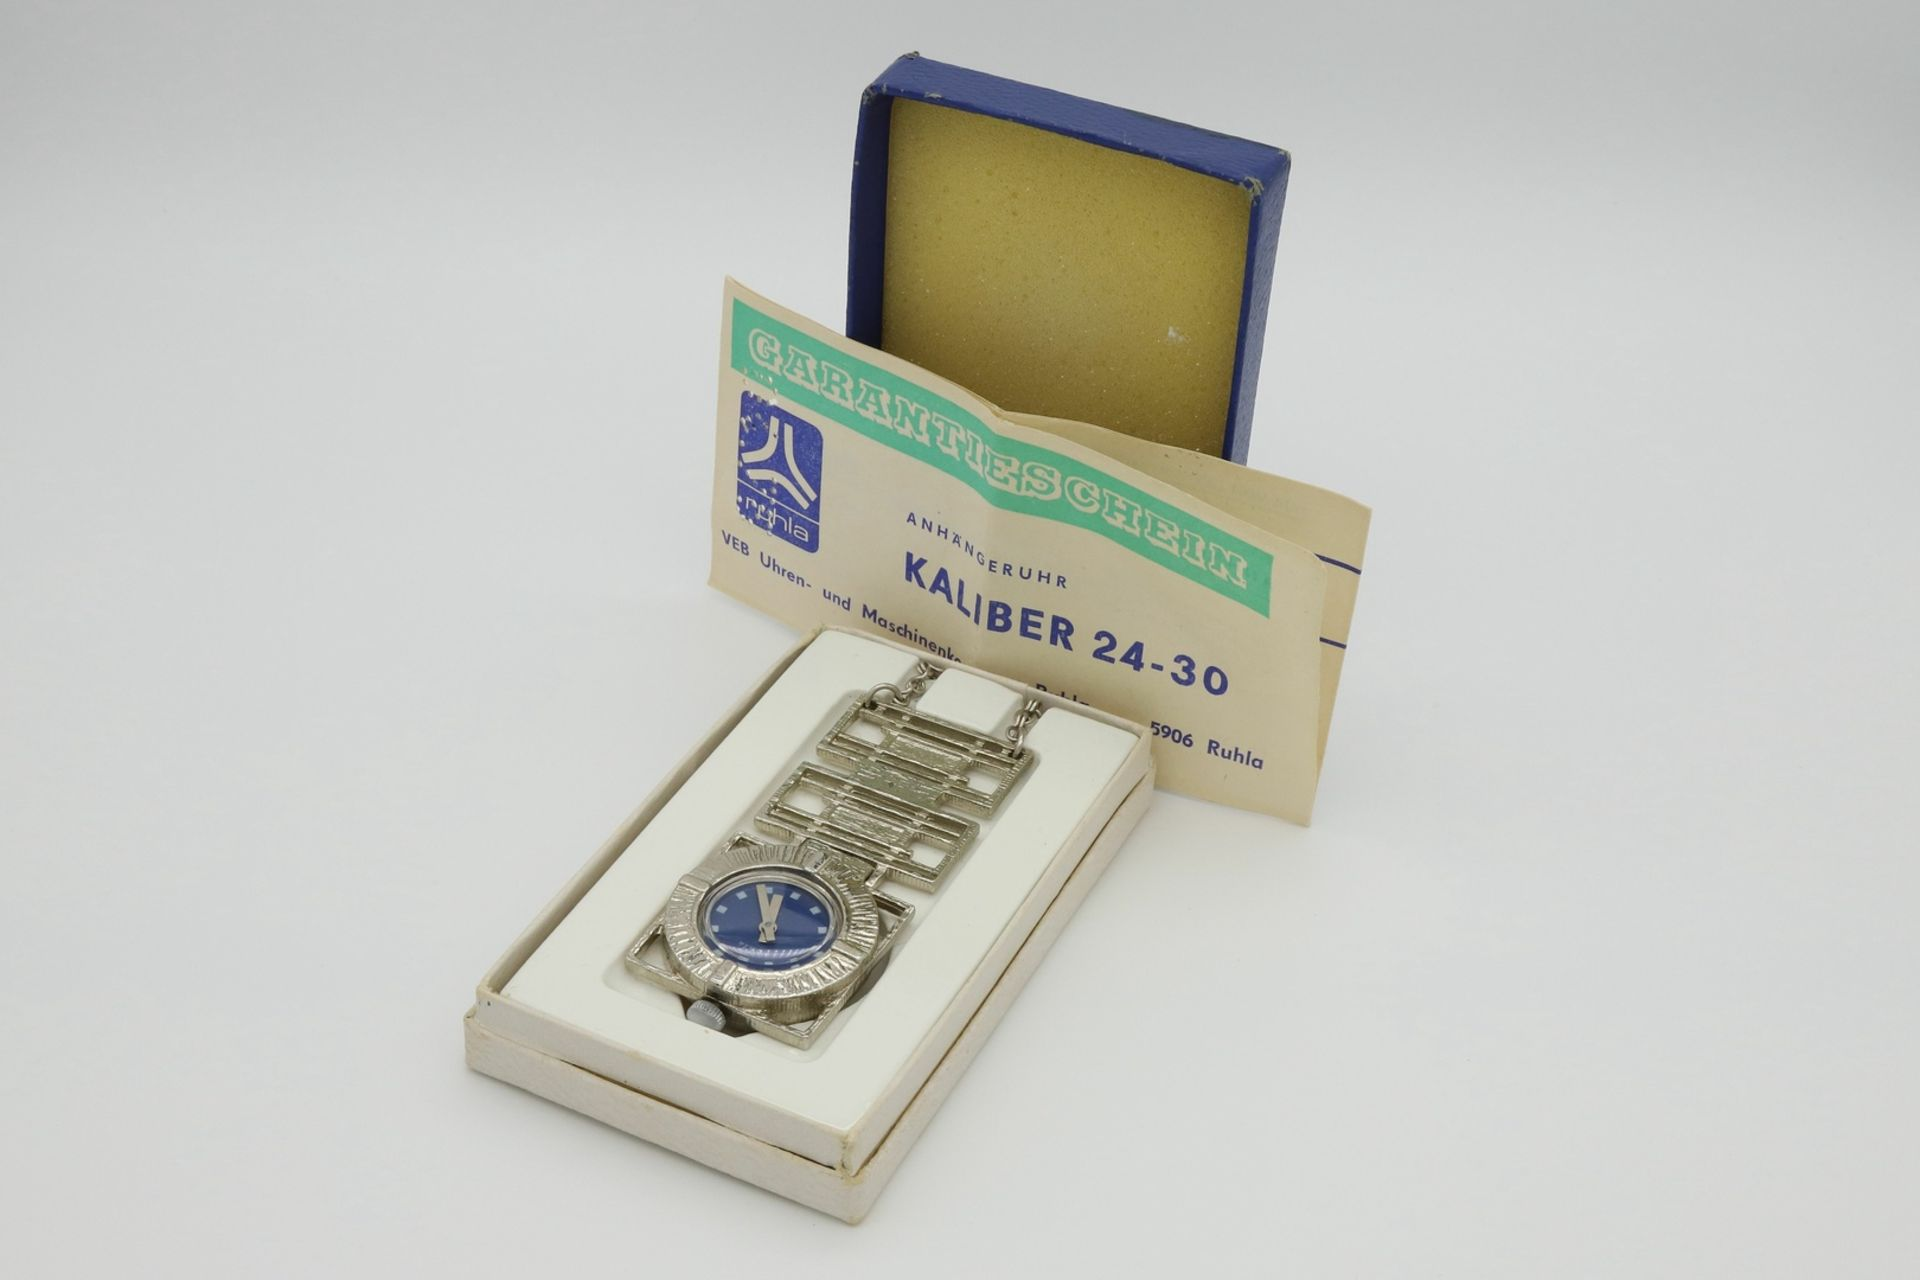 Ruhla Anhängeruhr Kaliber 24-30, um 1970